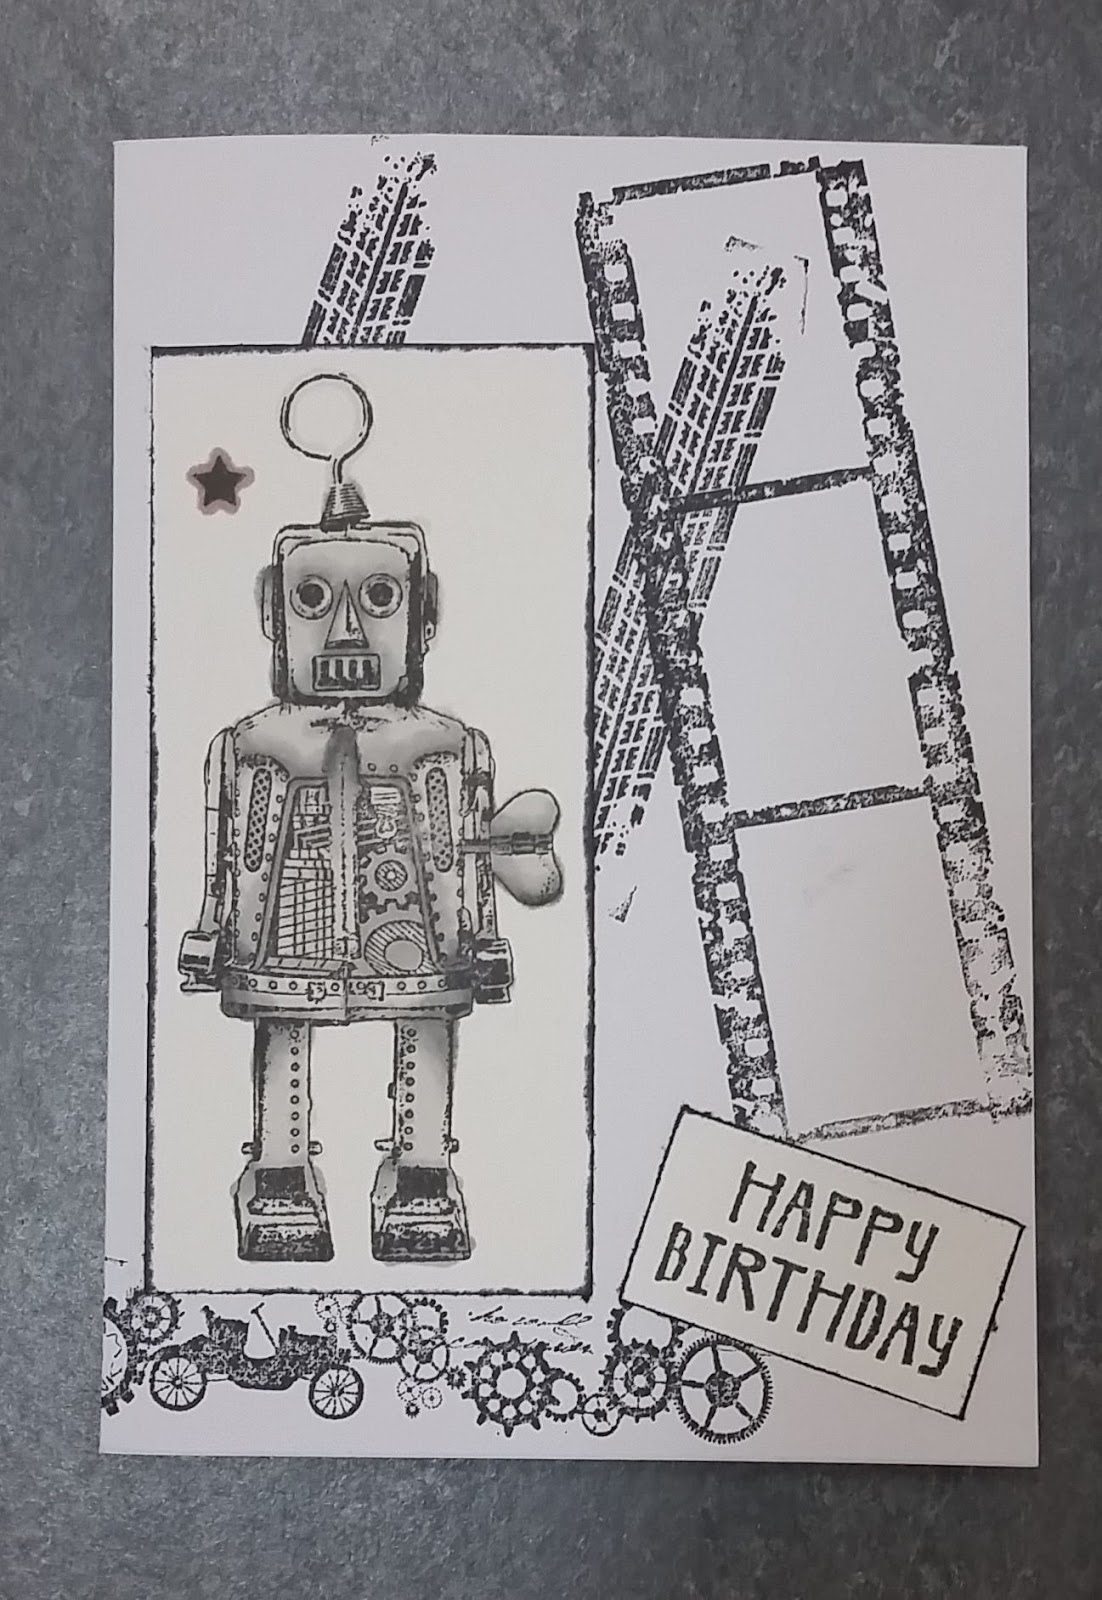 födelsedagskort kille JE Scrap och Hobby: Födelsedagskort till både kille och tjej. födelsedagskort kille